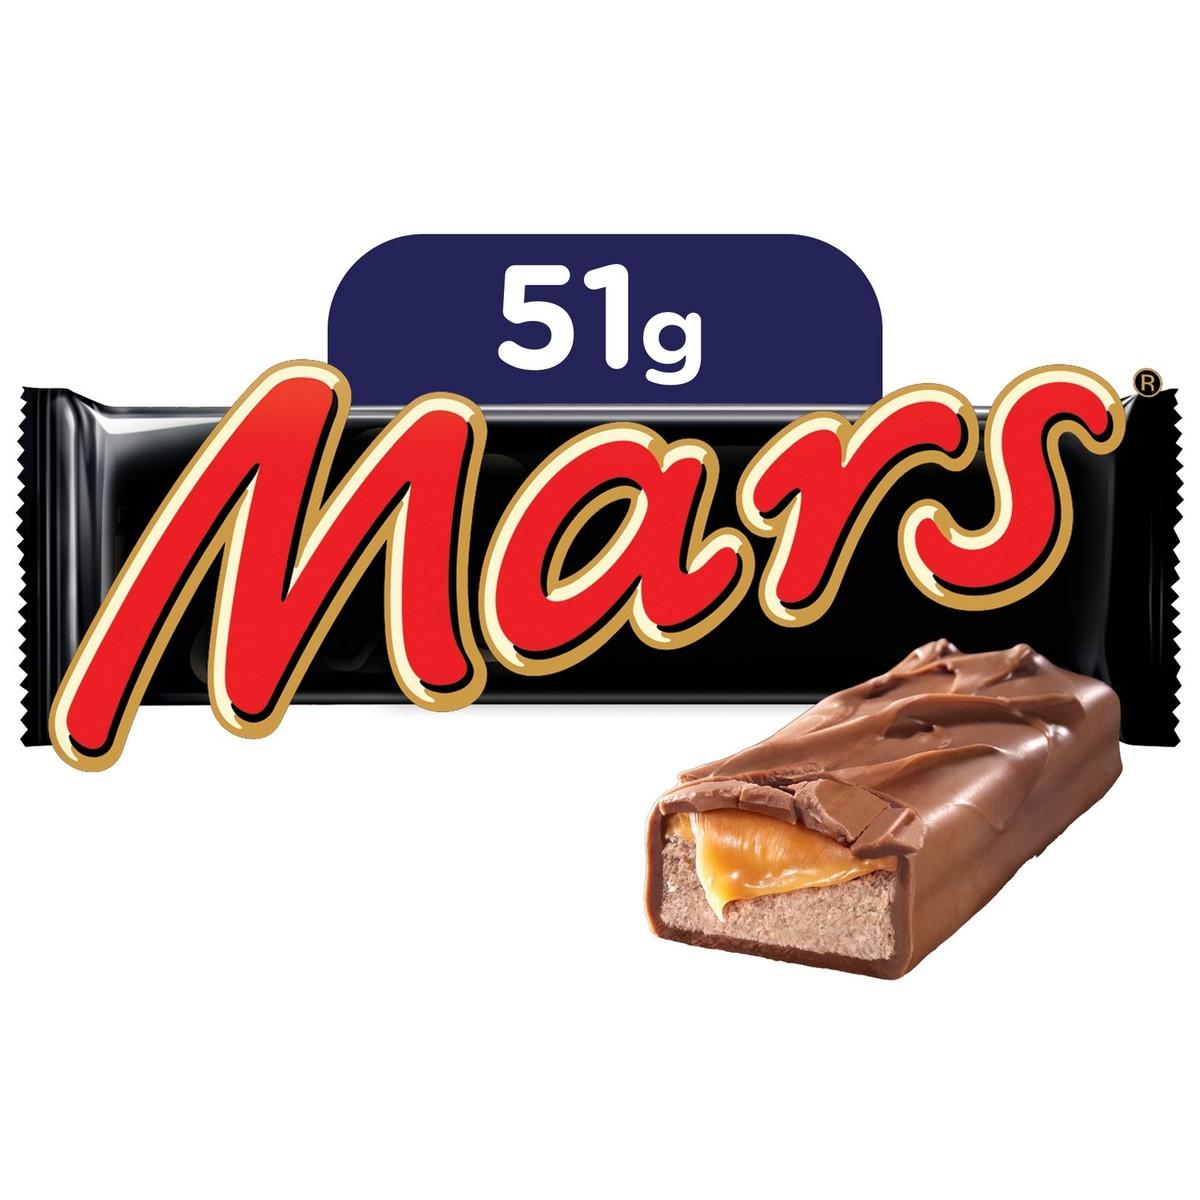 قیمت شکلات کیلویی ارزان